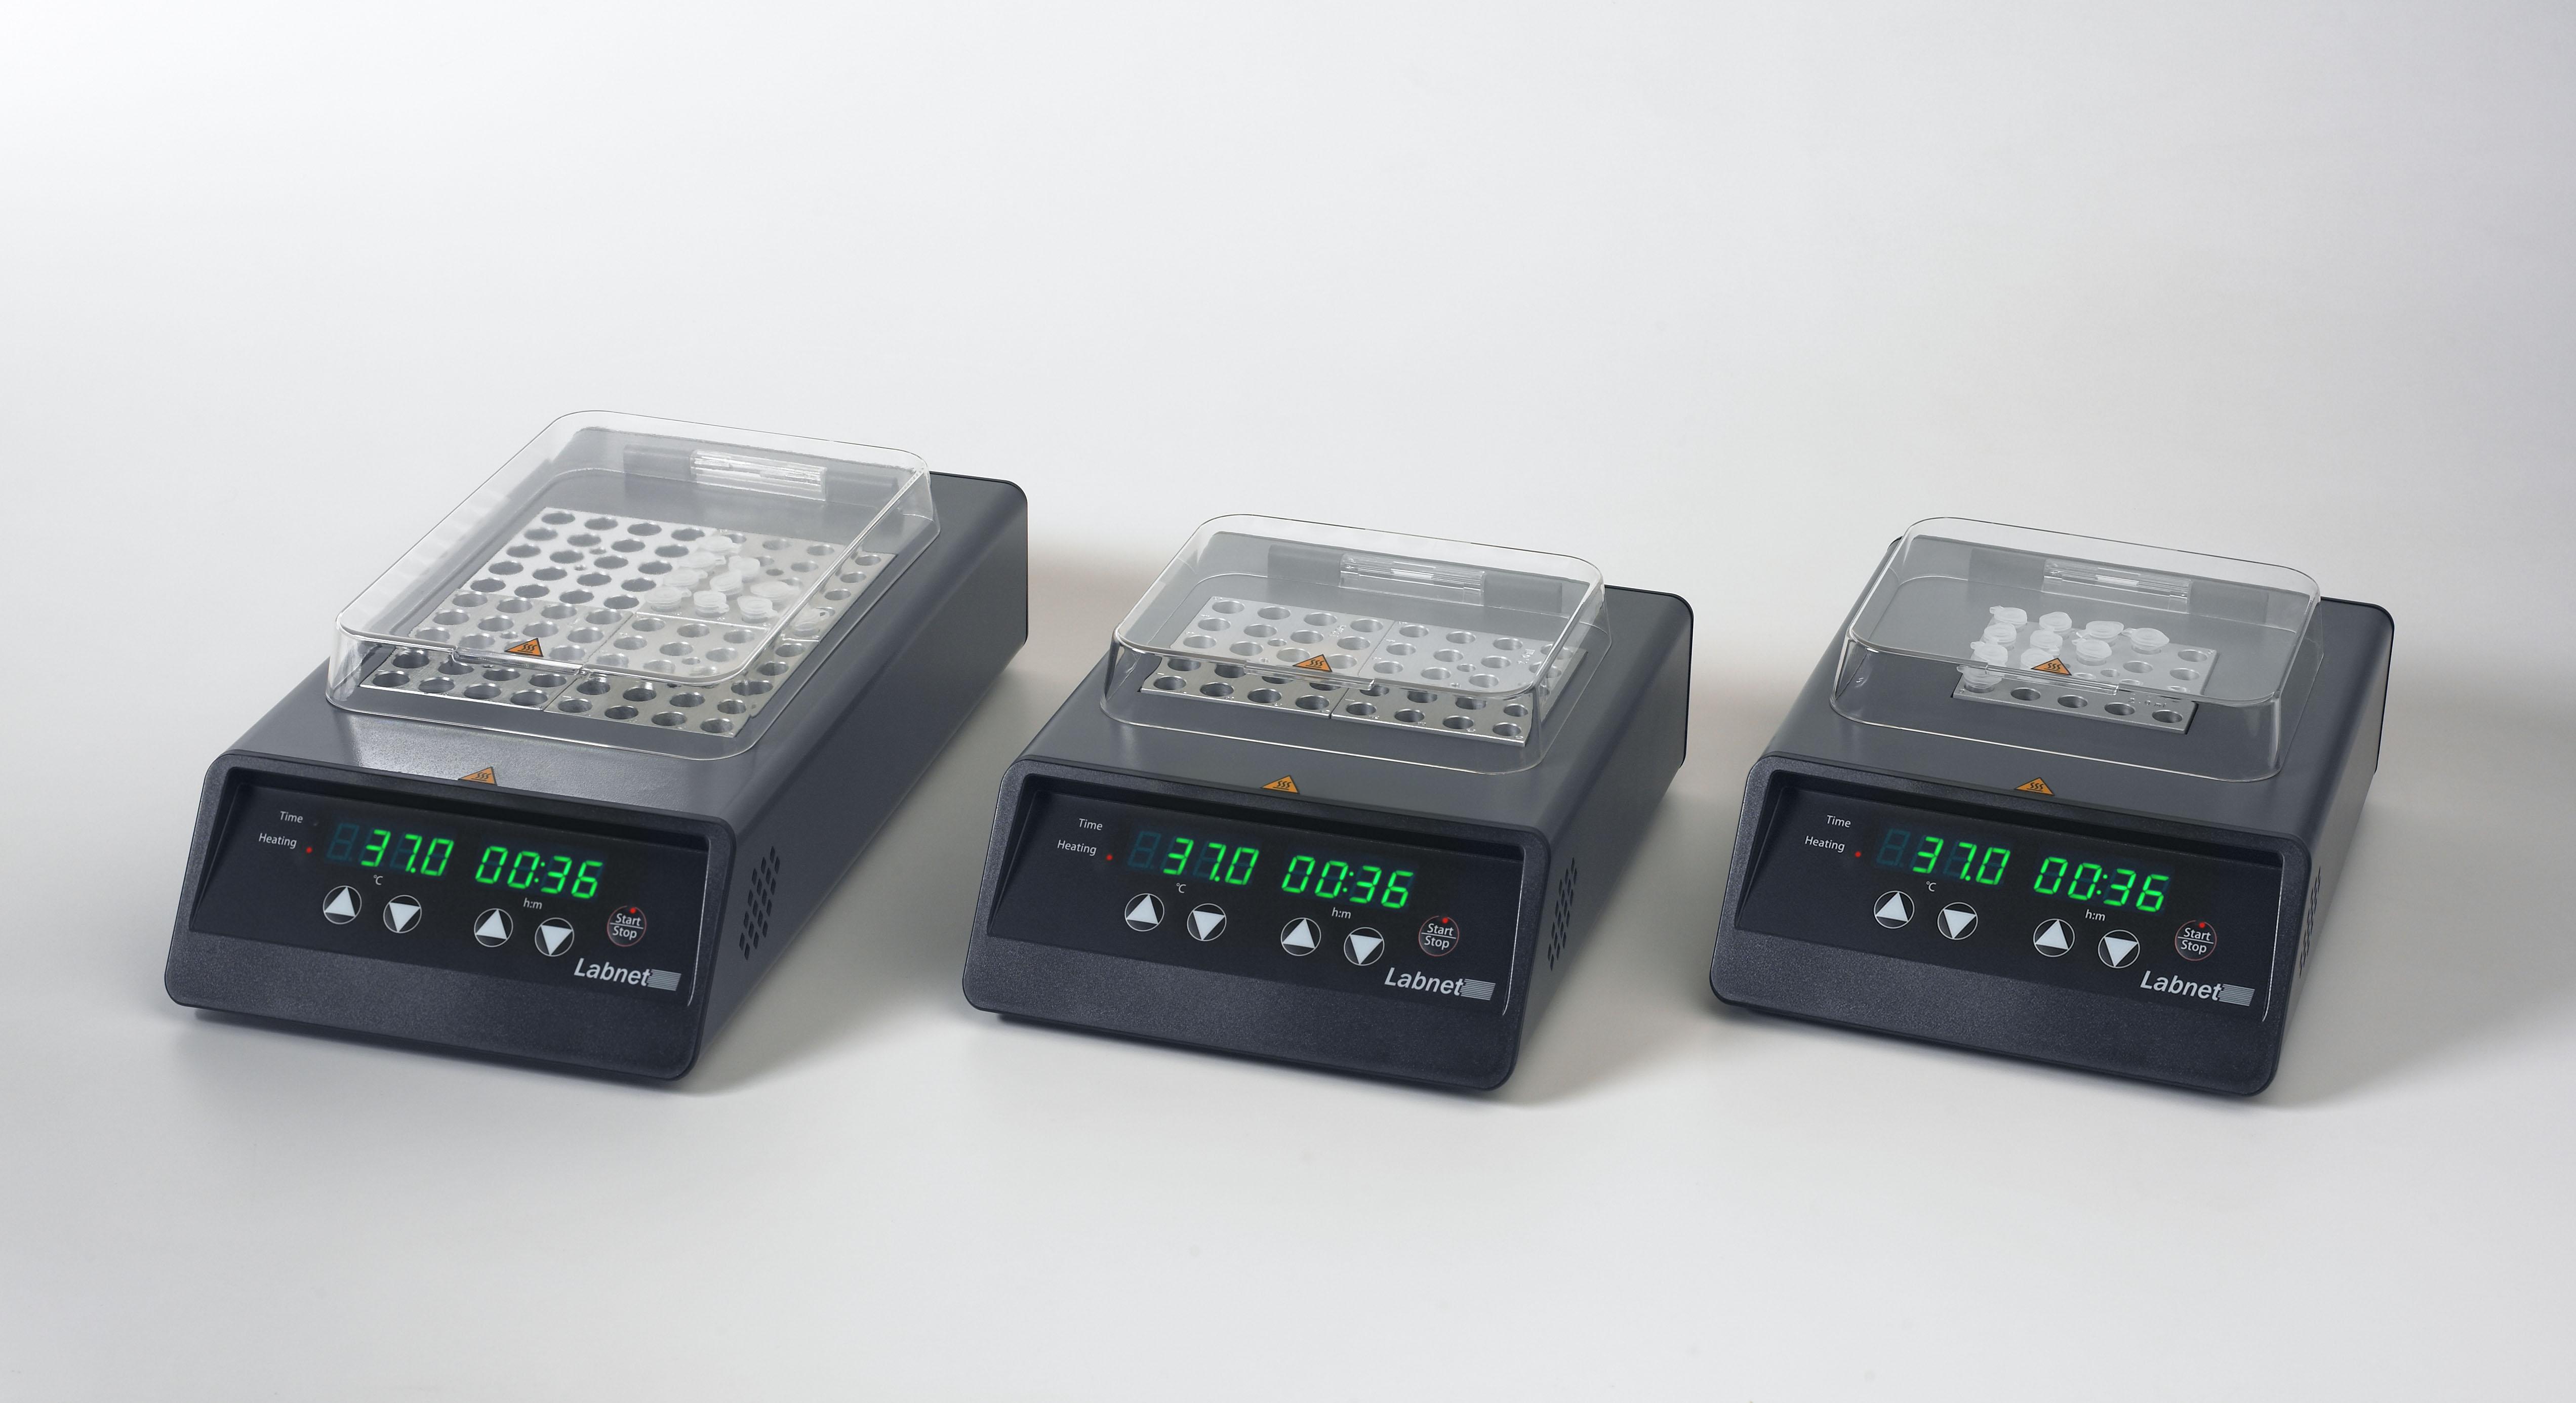 Labnet Digital Dry Baths